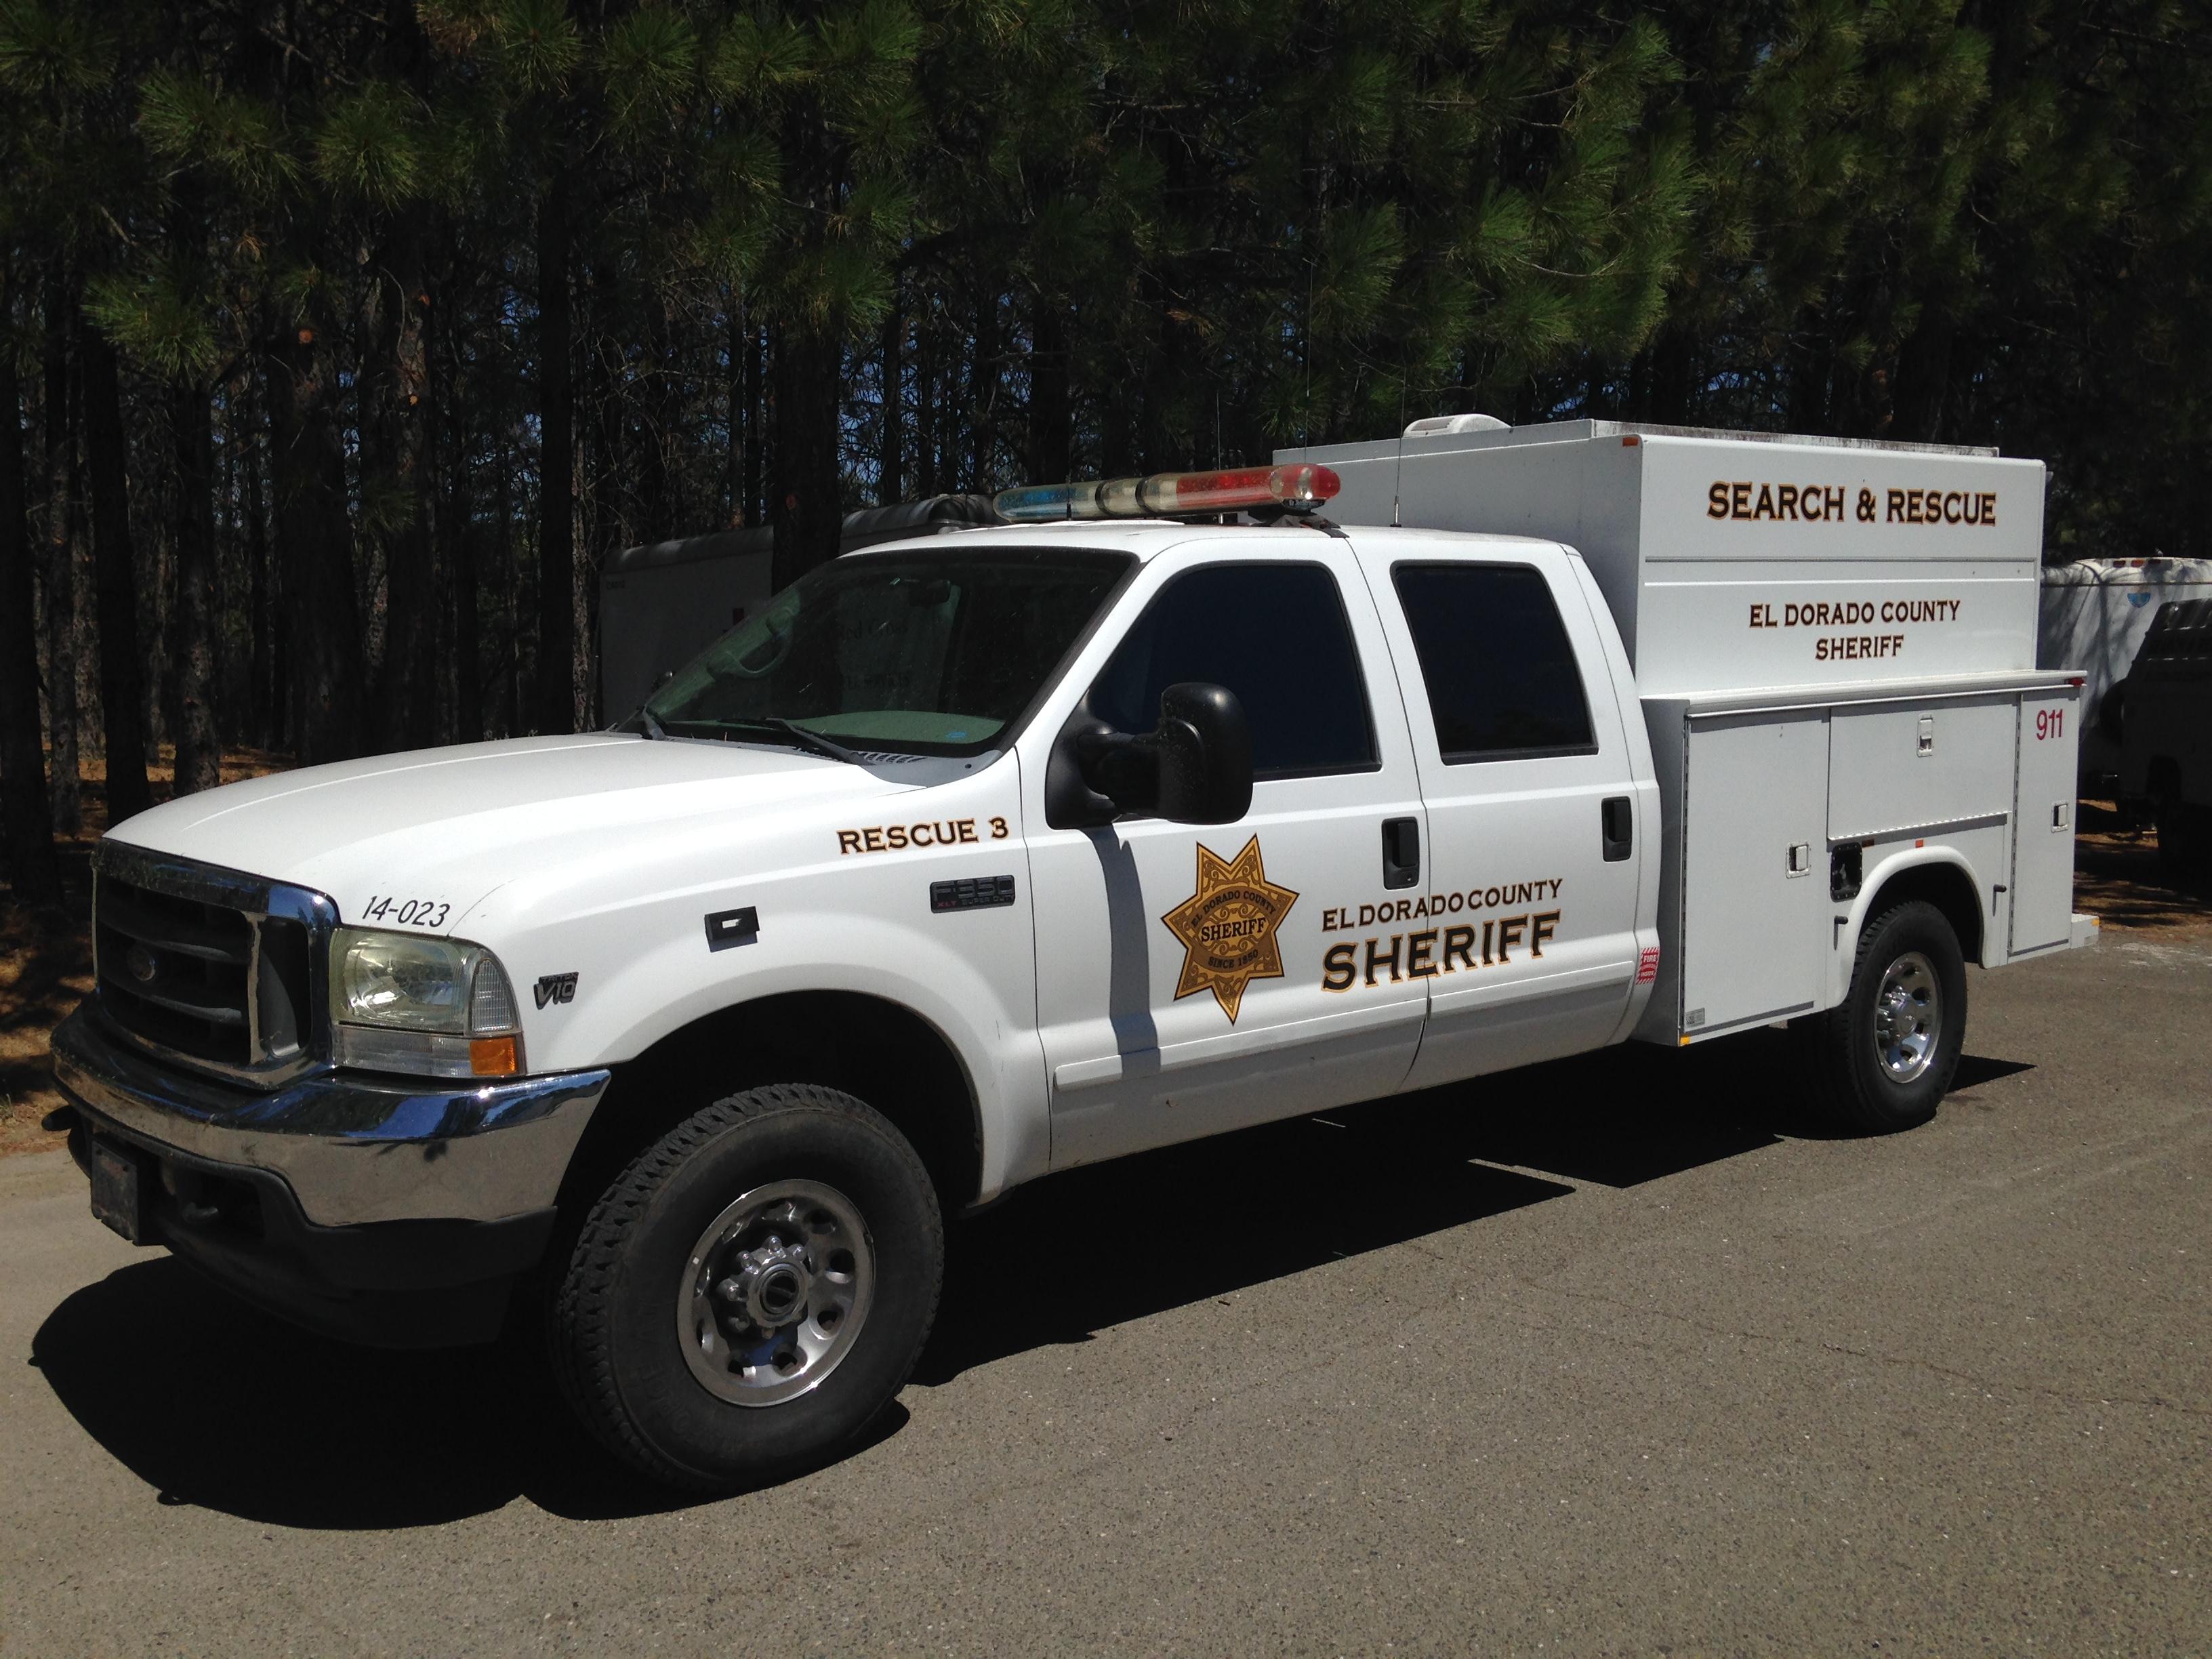 El dorado county sar helps shasta county el dorado for Department of motor vehicles in sacramento